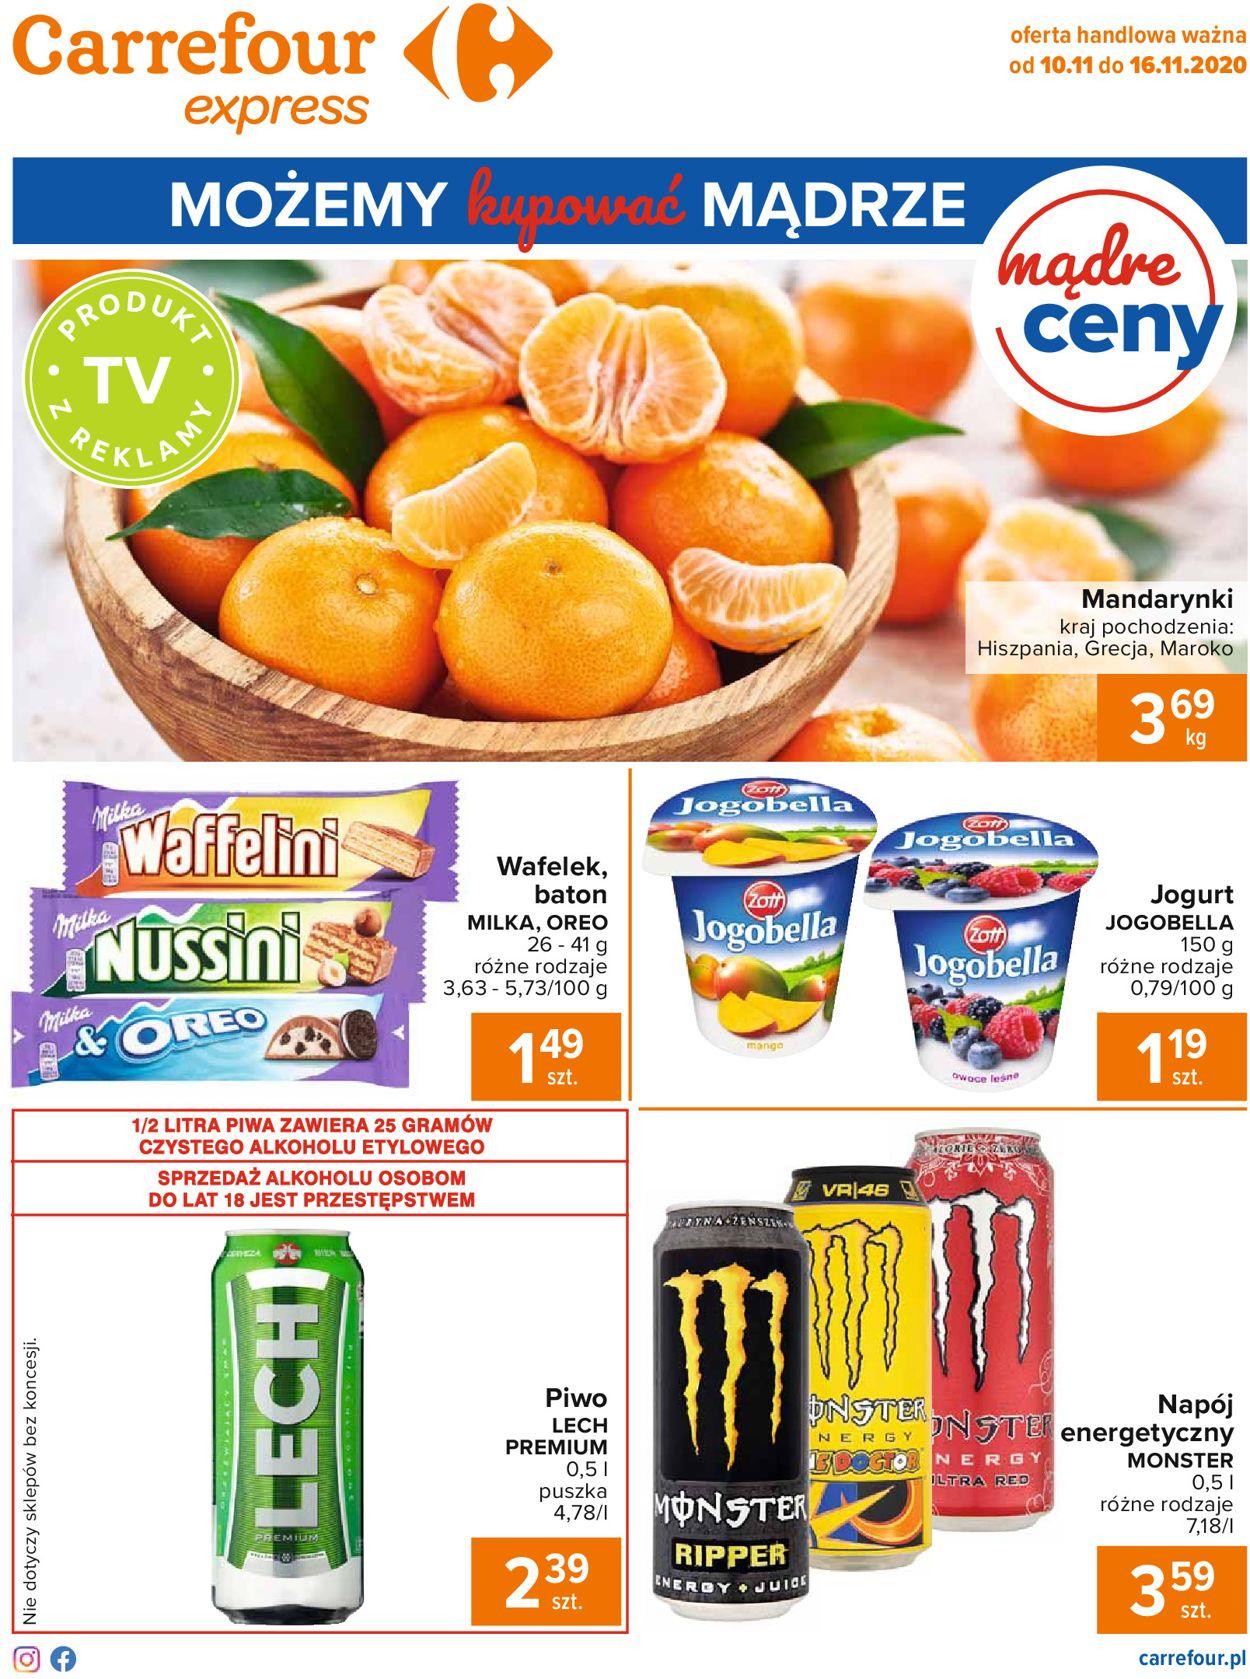 Gazetka promocyjna Carrefour Express - 10.11-16.11.2020 (Strona 2)